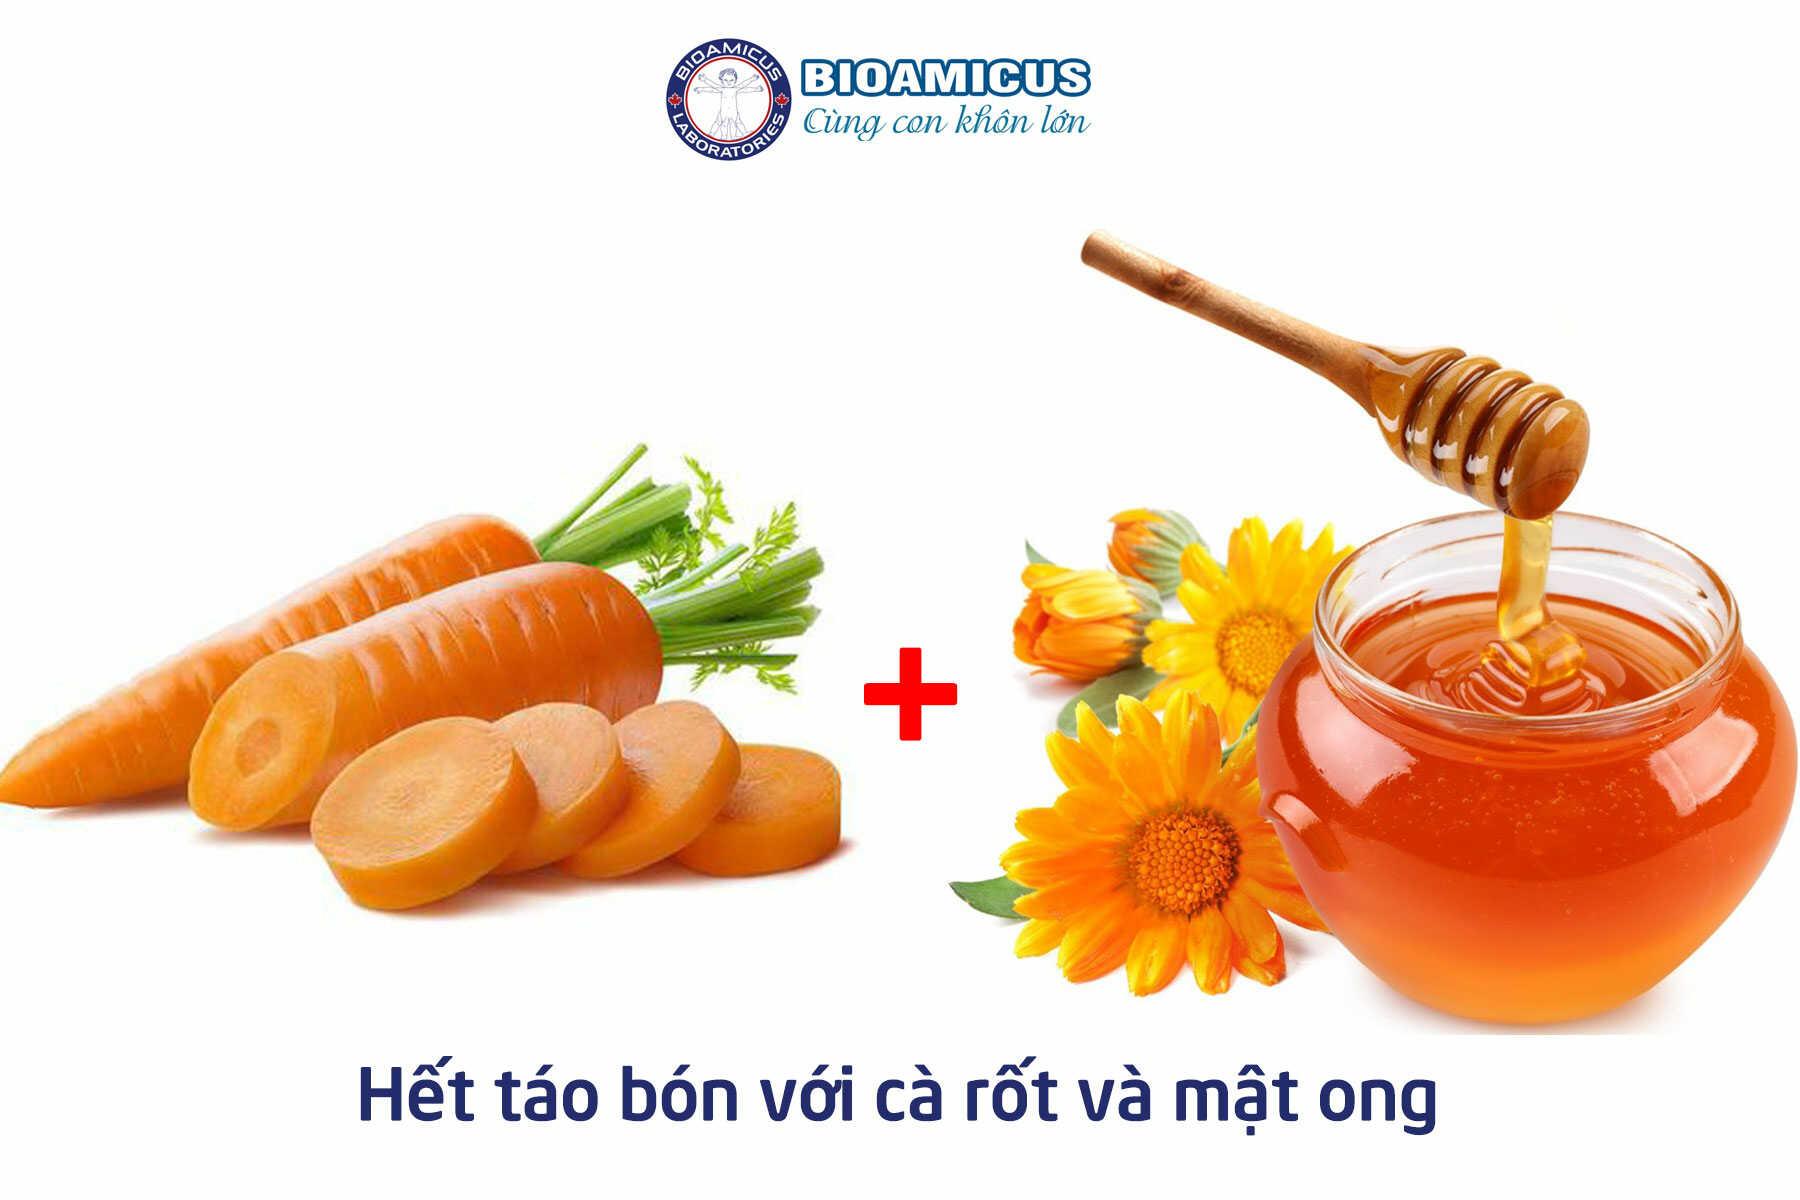 chữa táo bón cho trẻ sơ sinh bằng cà rốt và mật ong